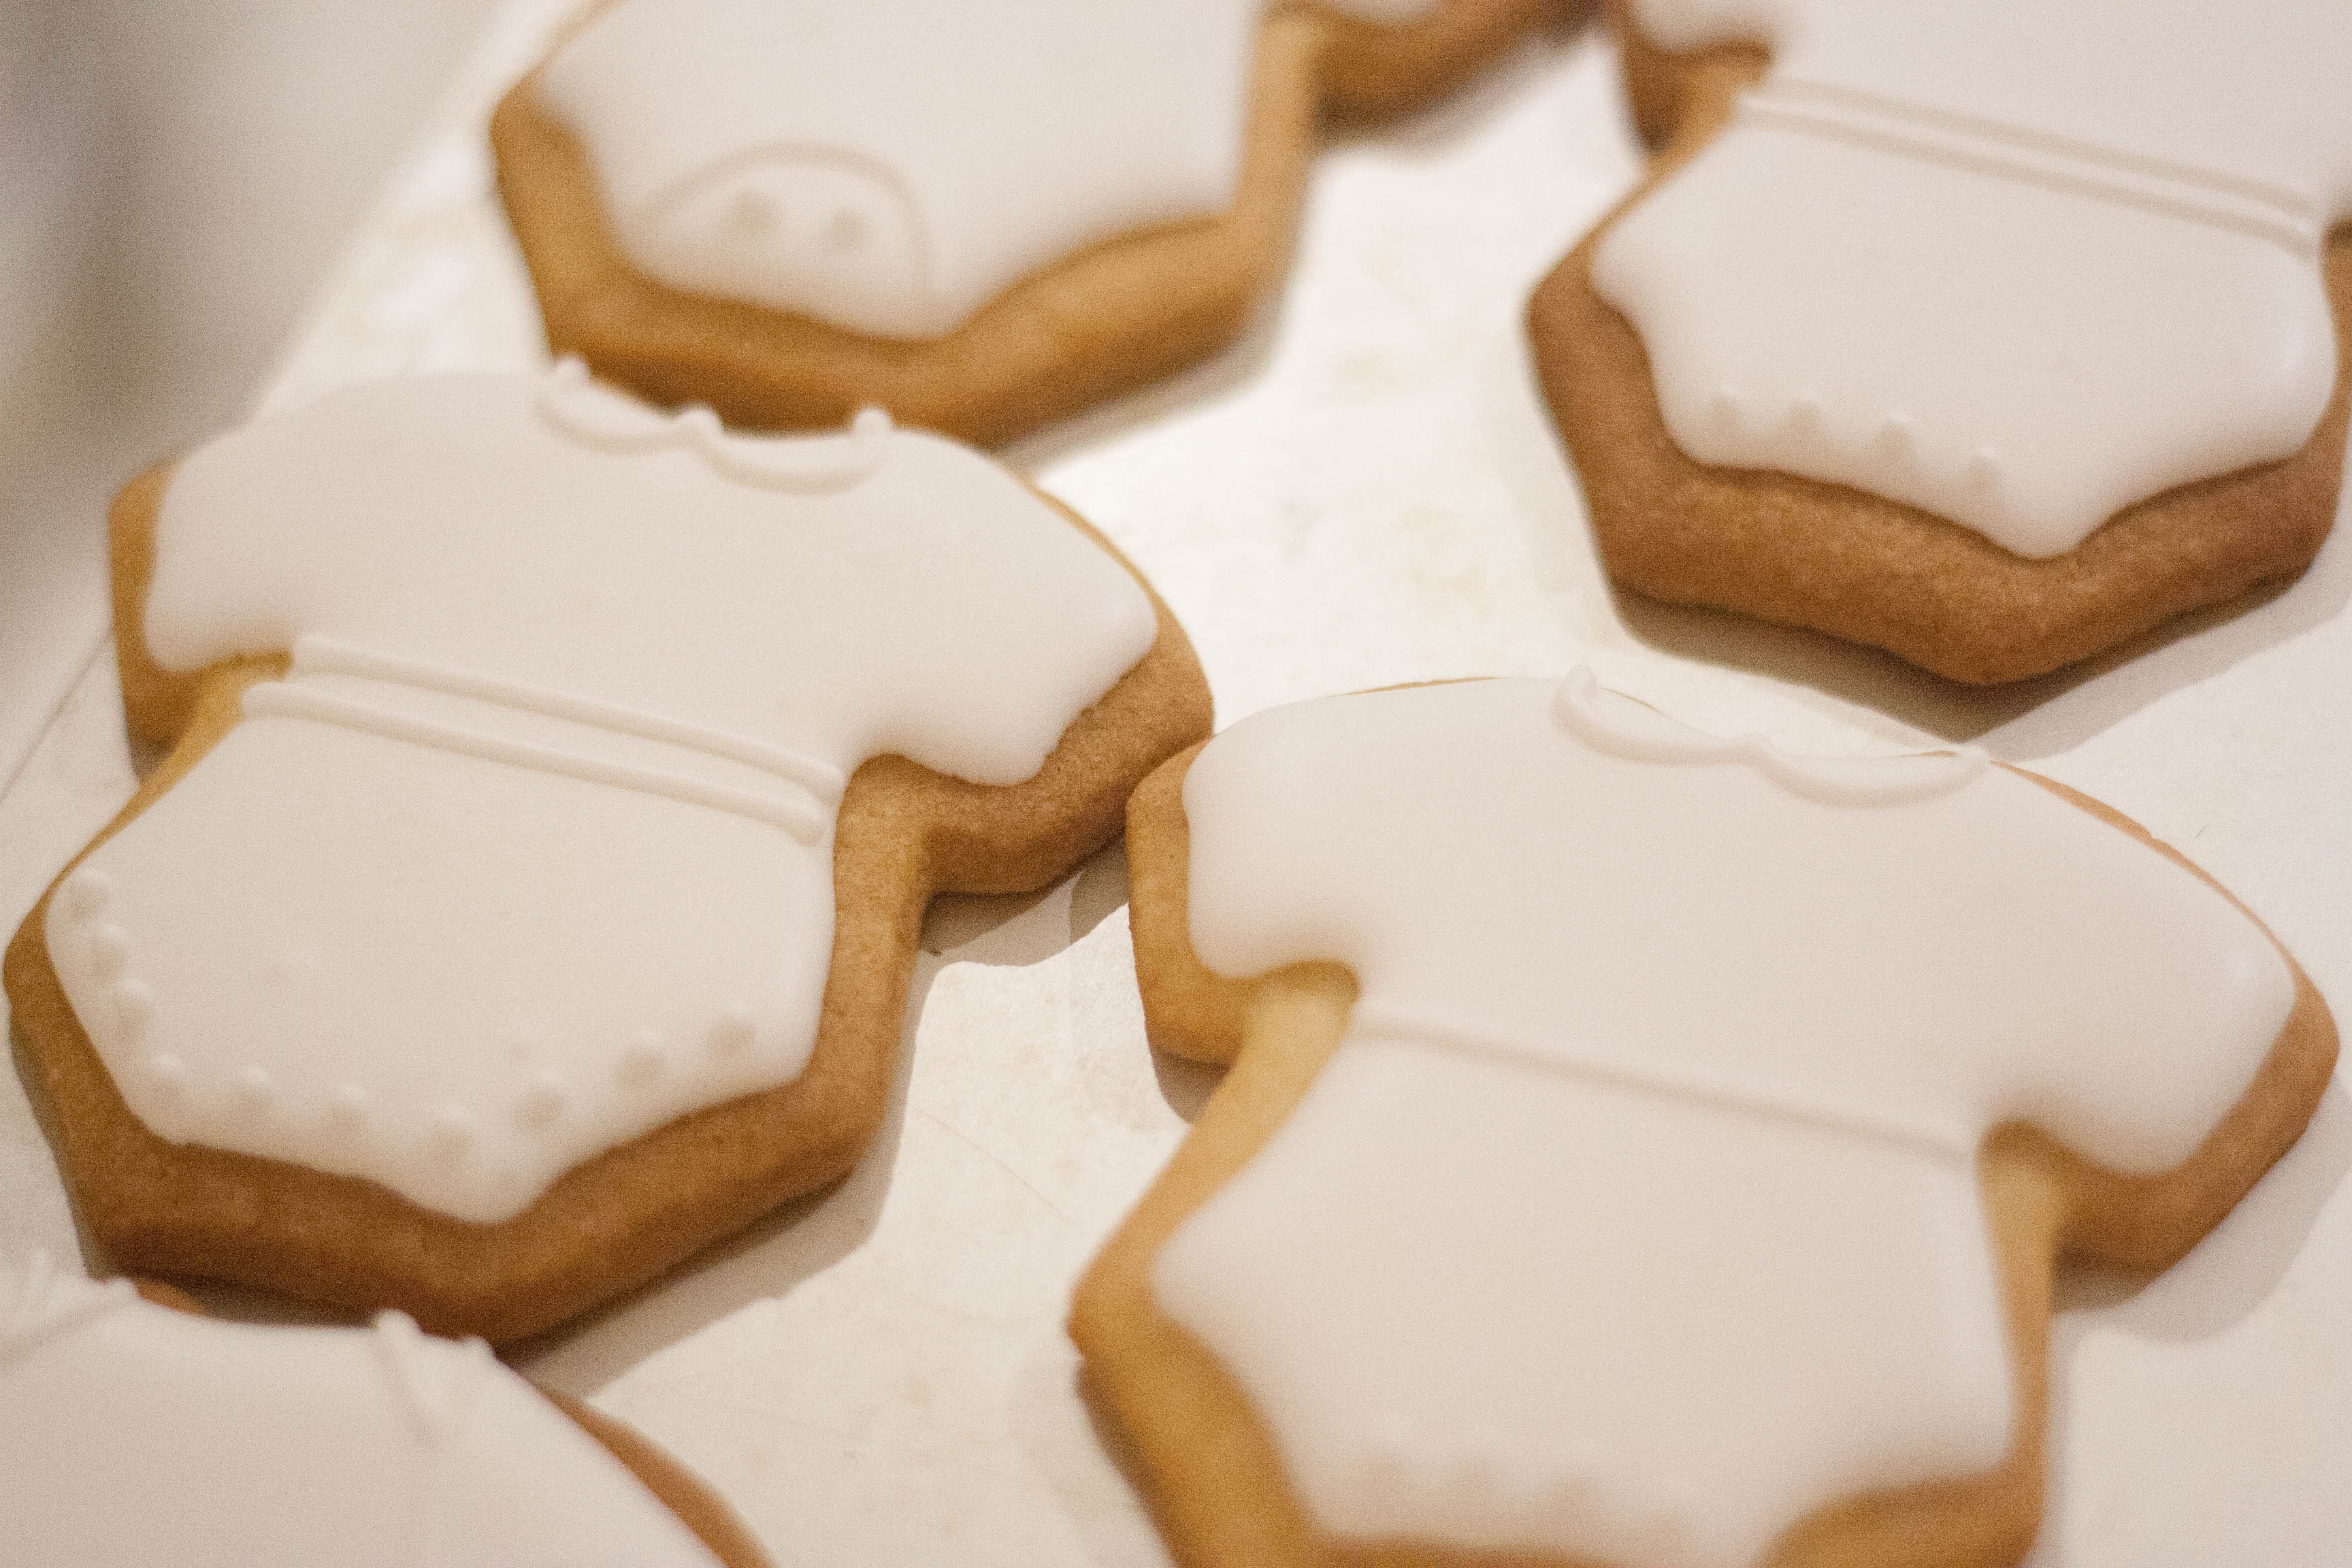 babygro vegan cookies